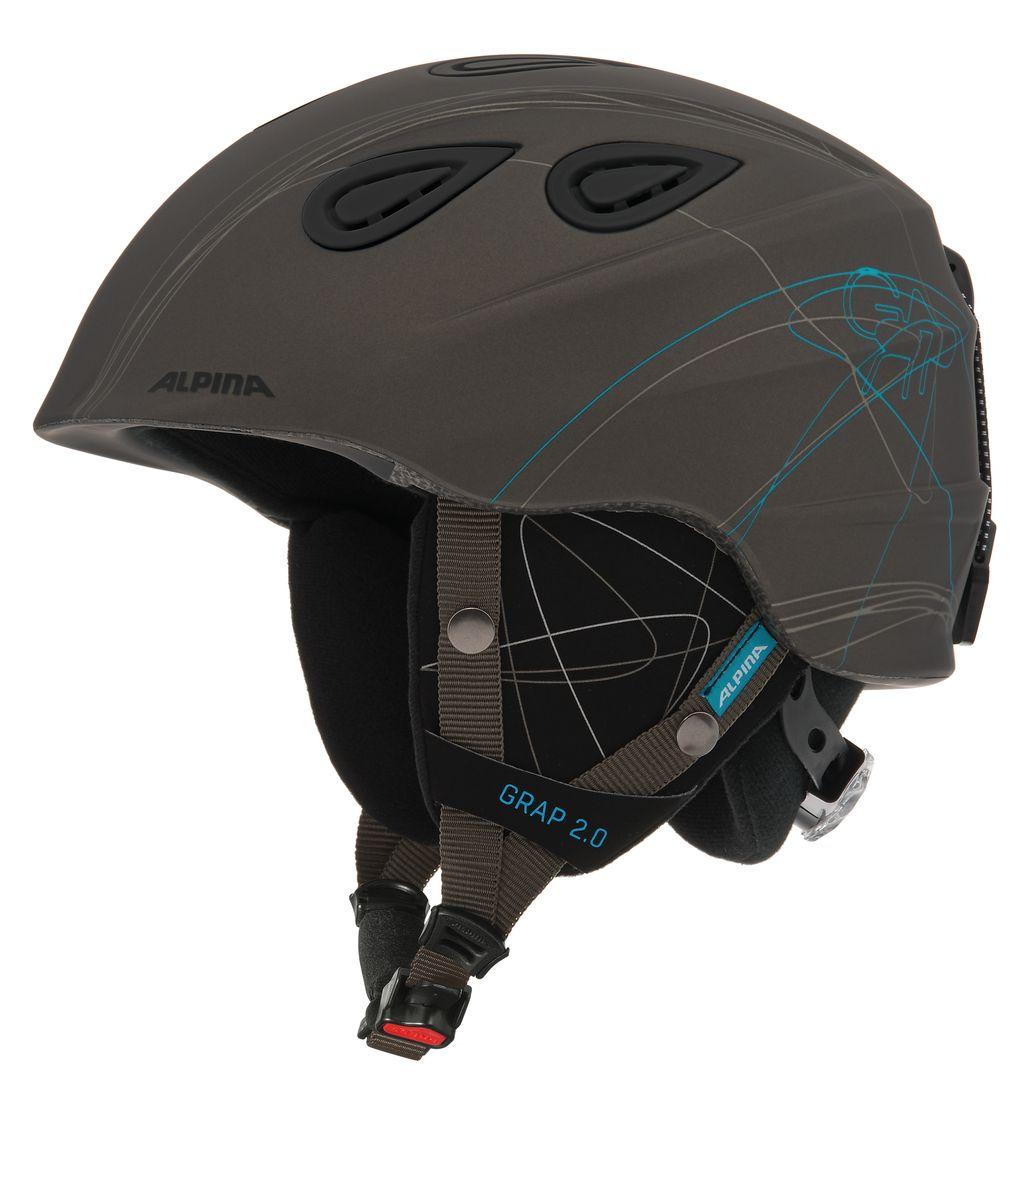 Шлем зимний Alpina Grap 2.0, цвет: серый. Размер 54-57. 9085_379080_81Шлем сделанный по технологии Inmold, доказавший свою надежность более ста тысяч раз в различных испытаниях. Непревзойденное соотношение цена-качество. Доступно девять дизайнерских решений.Технологии:INMOLD TEC – технология соединения внутренней и внешней части шлема при помощи высокой температуры. Данный метод делает соединение исключительно прочным, а сам шлем легким. Такой метод соединения гораздо надежнее и безопаснее обычного склеивания.CERAMIC – особая технология производства внешней оболочки шлема. Используются легковесные материалы экстремально прочные и устойчивые к царапинам. Возможно использование при сильном УФ изучении, так же поверхность имеет антистатическое покрытие.EDGE PROTECT – усиленная нижняя часть шлема, выполненная по технологии Inmold. Дополнительная защита при боковых ударах. RUN SYSTEM – простая система настройки шлема, позволяющая добиться надежной фиксации.AIRSTREAM CONTROL – регулируемые воздушные клапана для полного контроля внутренней вентиляции. REMOVABLE EARPADS - съемные амбушюры добавляют чувства свободы во время катания в теплую погоду, не в ущерб безопасности. При падении температуры, амбушюры легко устанавливаются обратно на шлем.CHANGEABLE INTERIOR – съемная внутренняя часть. Допускается стирка в теплой мыльной воде.NECKWARMER – дополнительное утепление шеи. Изготовлено из мягкого флиса.